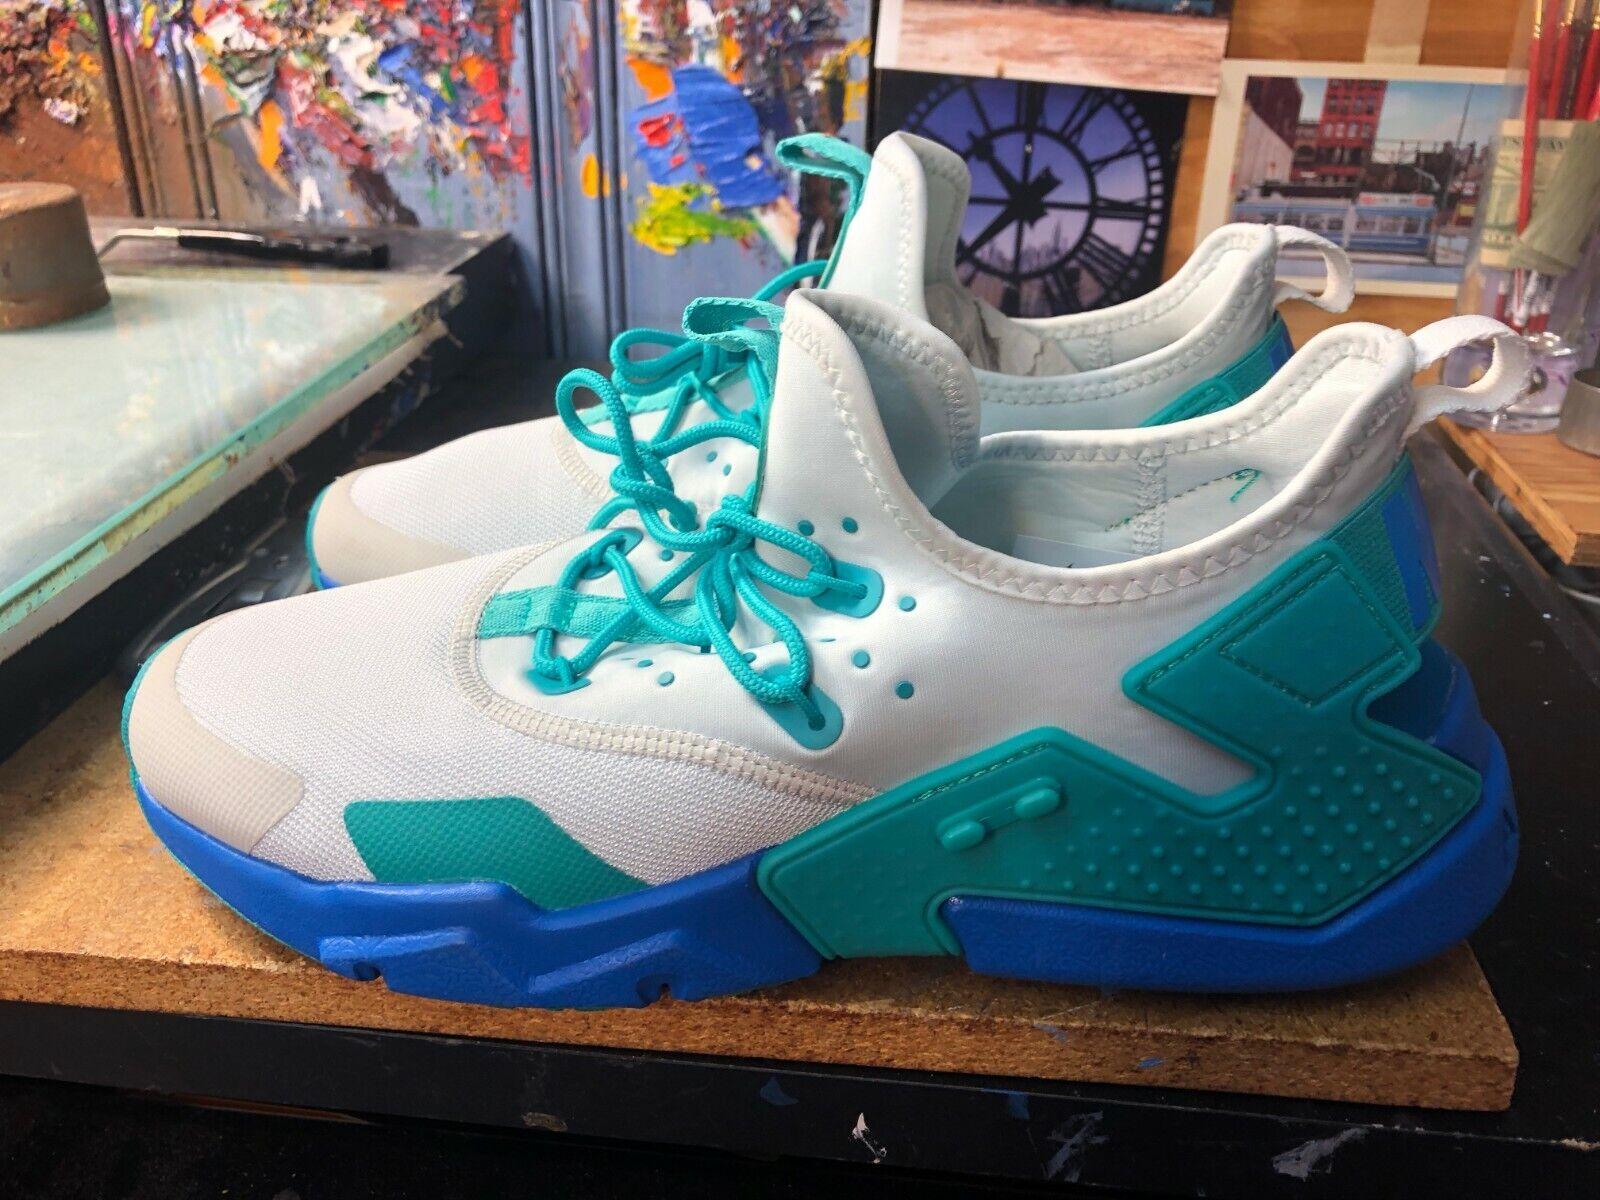 Nike Air Huarache Drift Barely Green bluee Orbit  Size US 11 Men AH7334 006 New